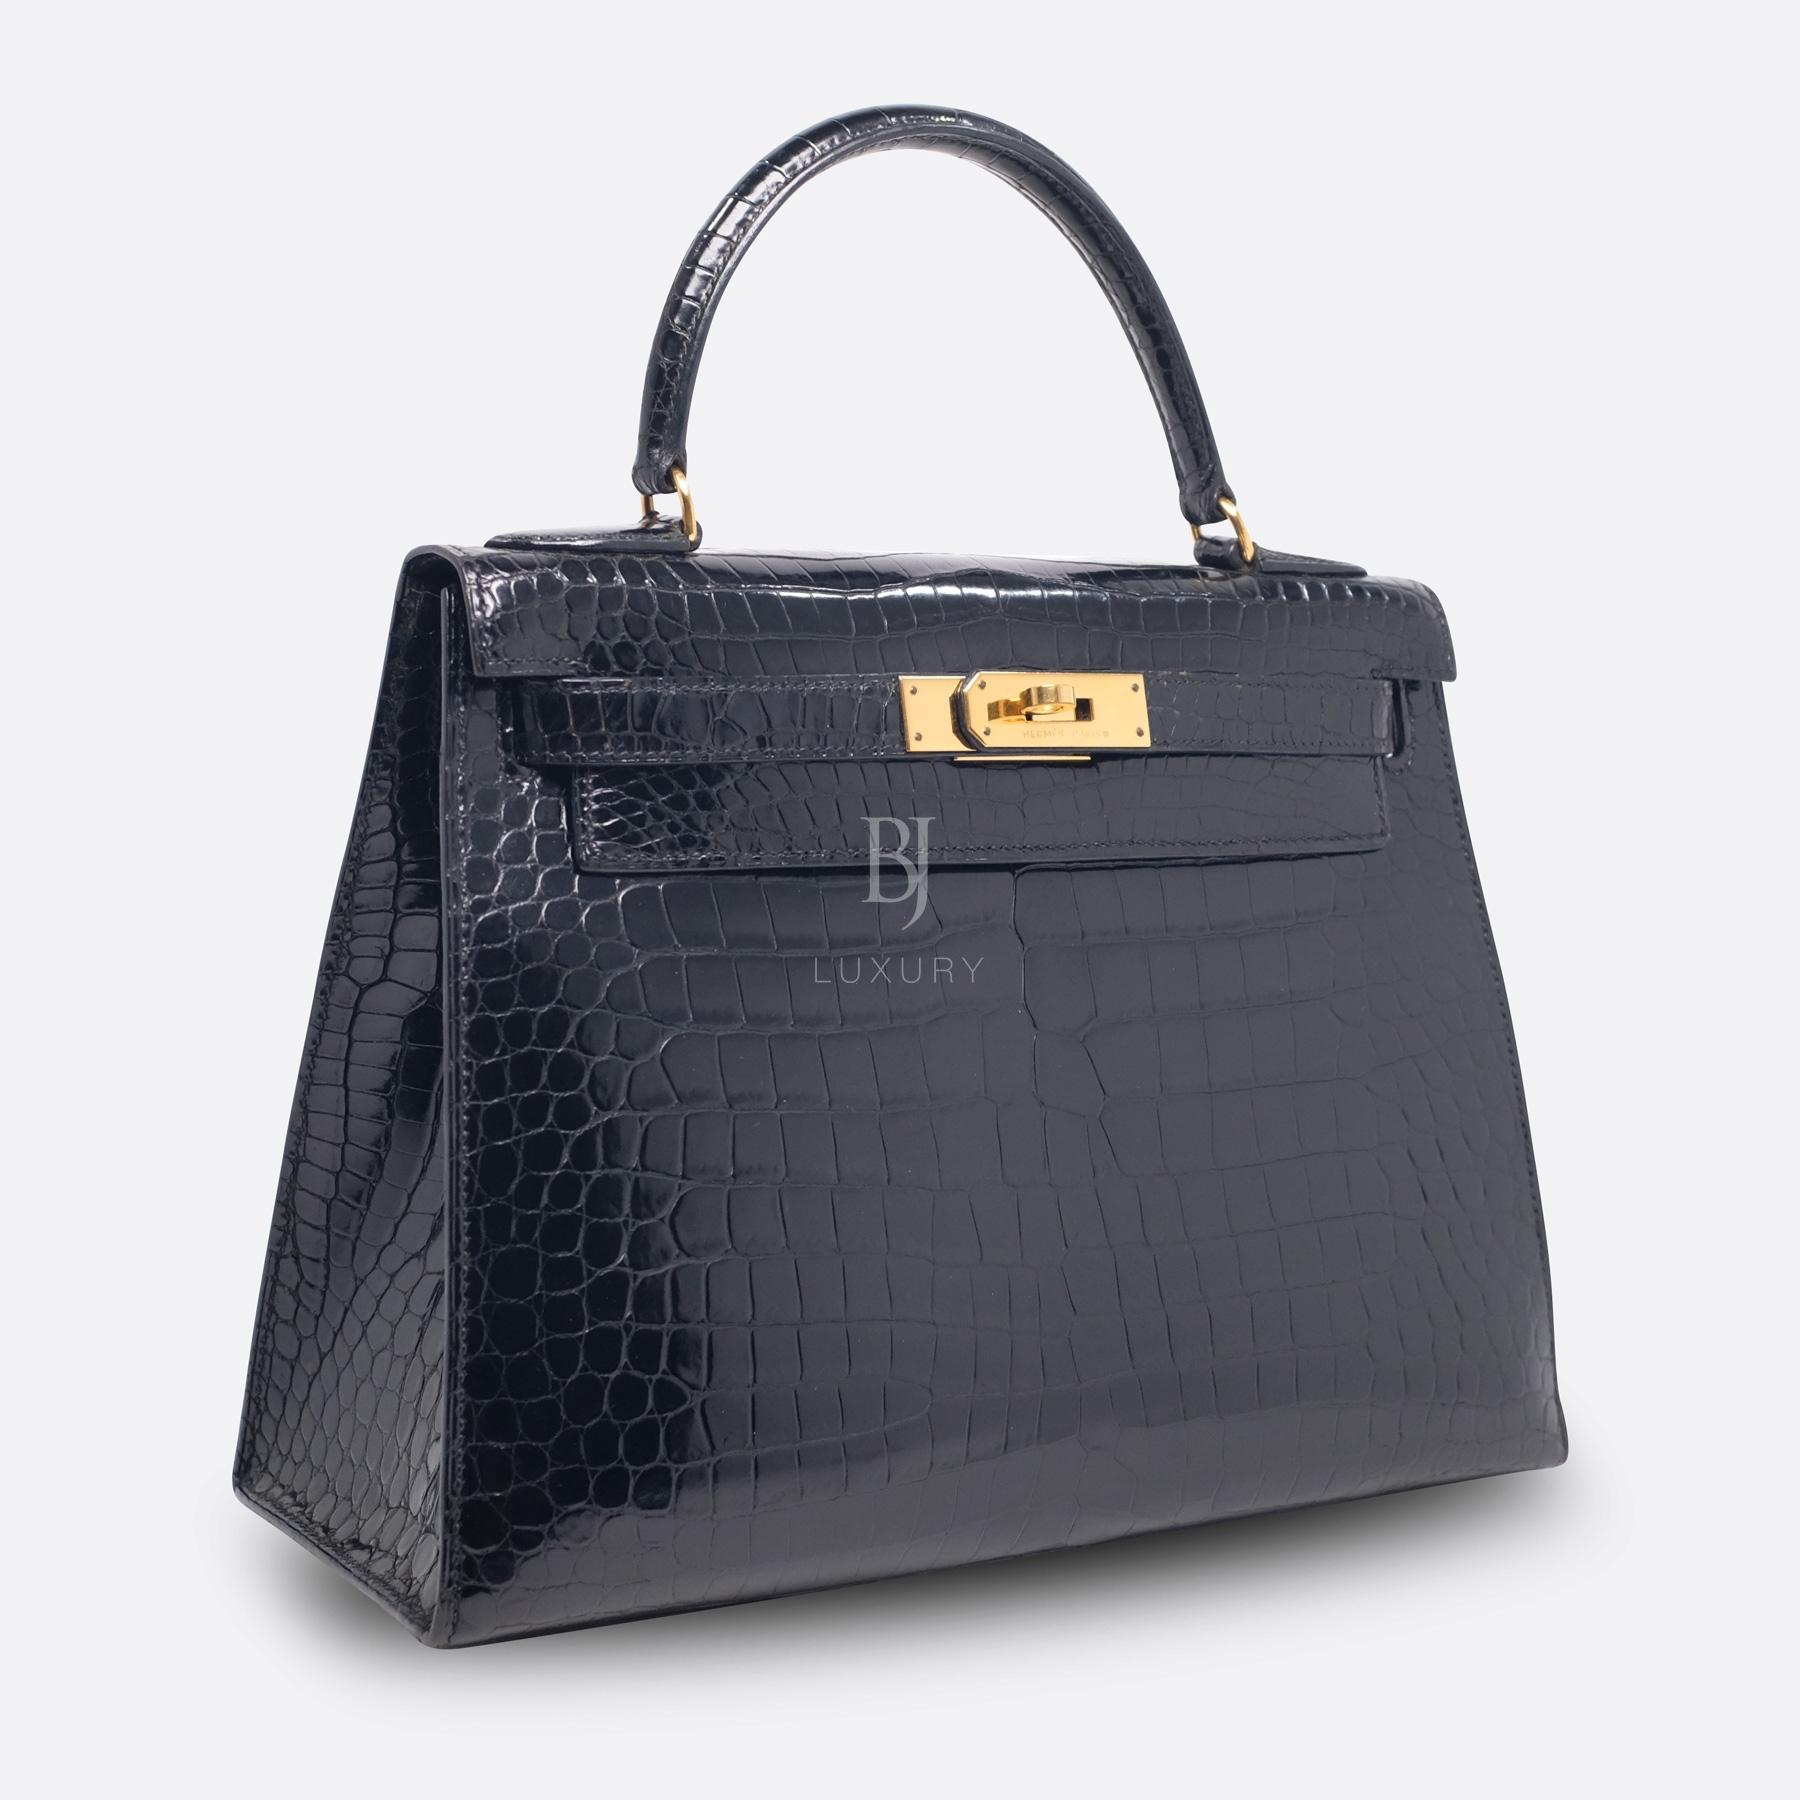 Hermes Kelly Sellier 28 Gold Black Porosus Crocodile BJ Luxury 2.jpg